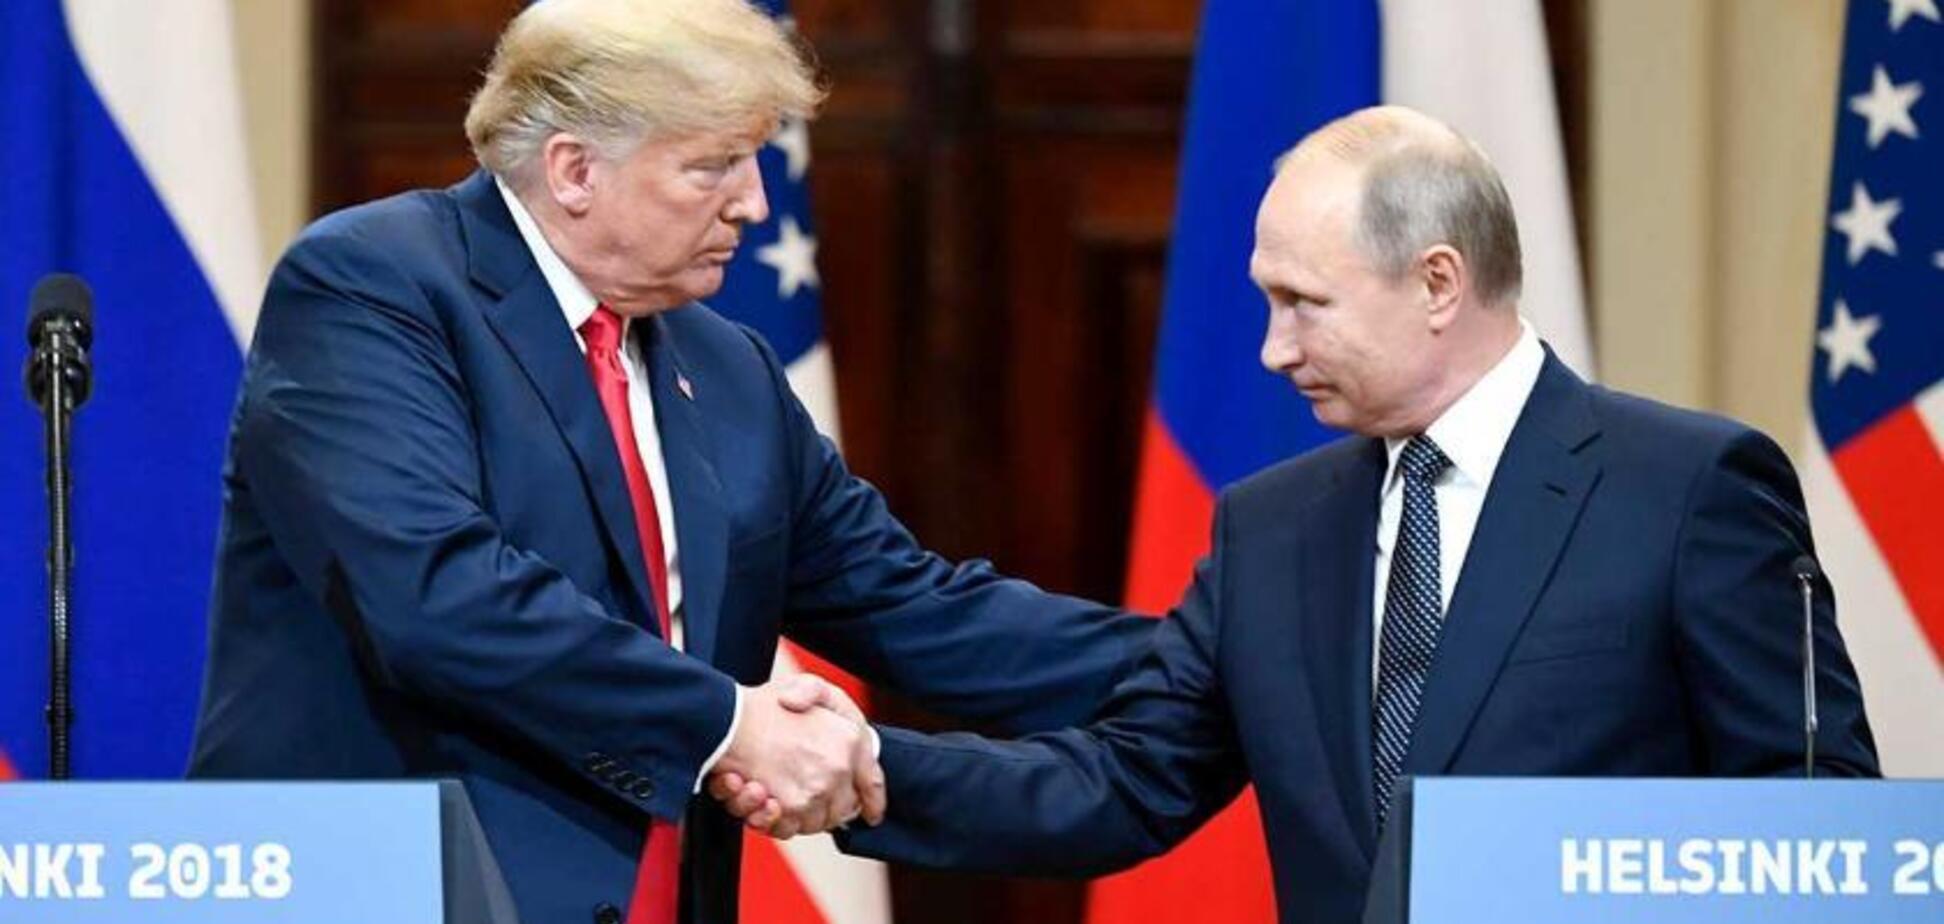 Є образа? У Росії висловилися проти зустрічі Путіна з Трампом